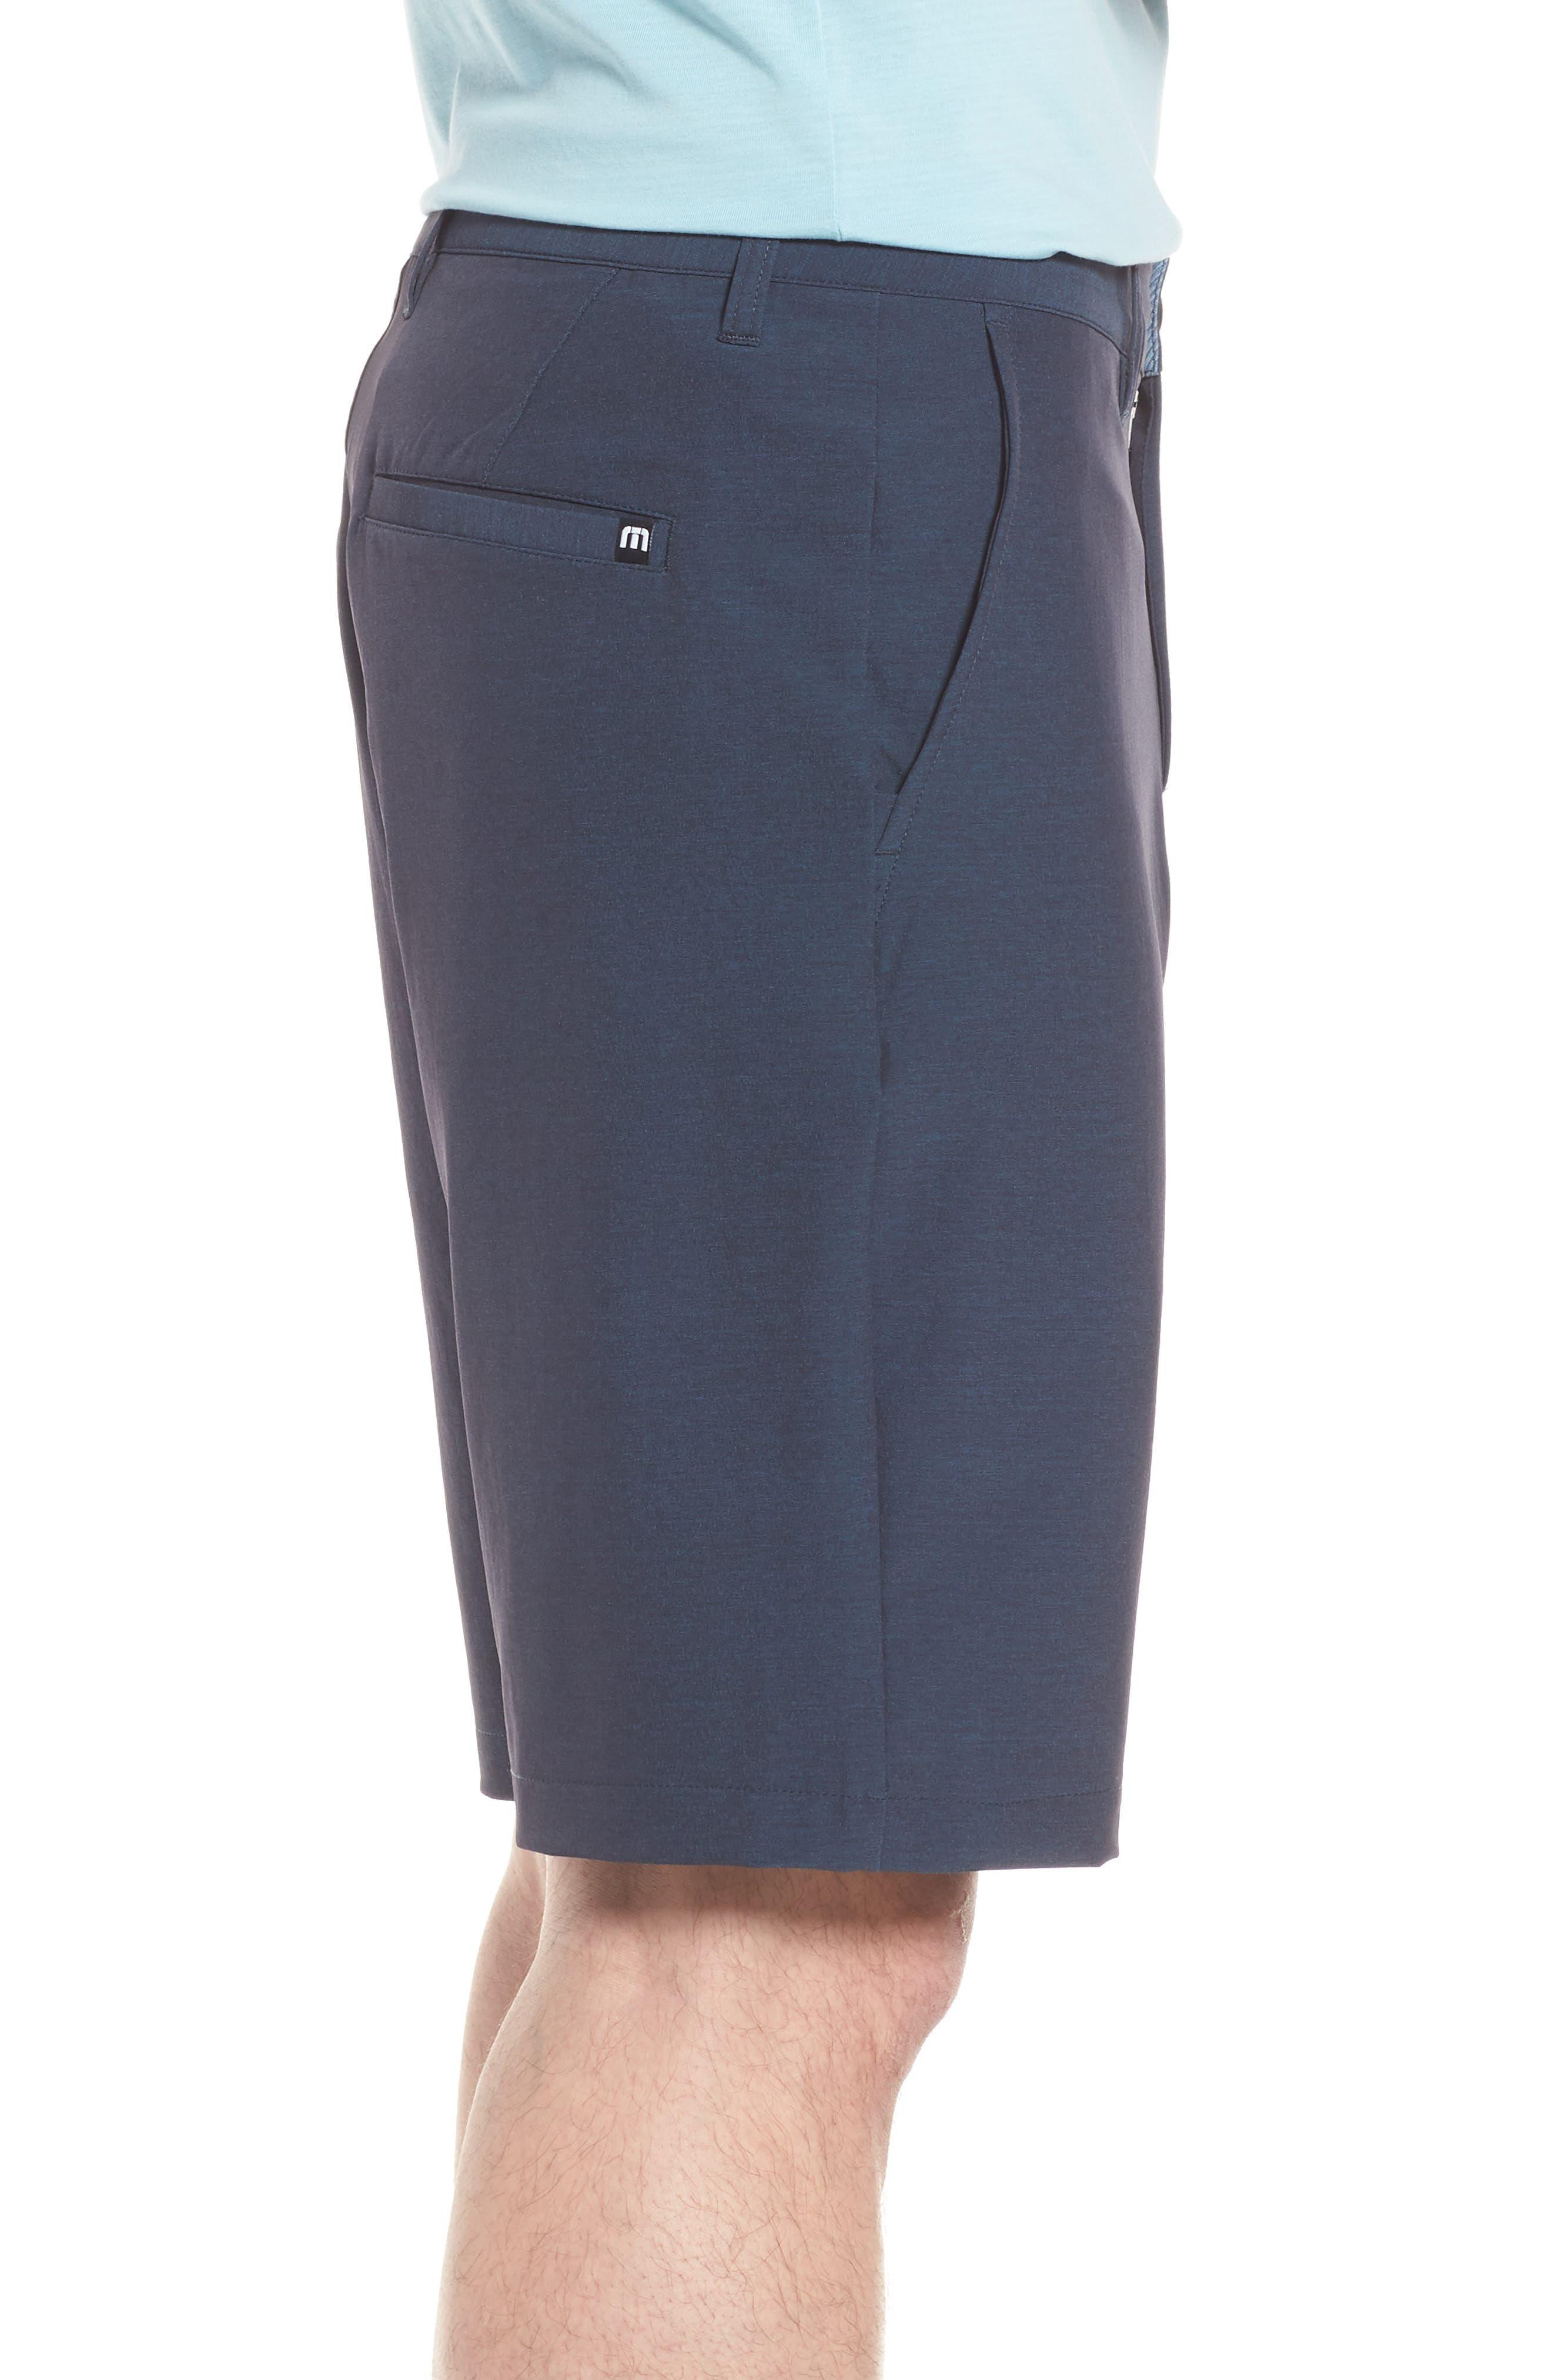 Pancho Shorts,                             Alternate thumbnail 3, color,